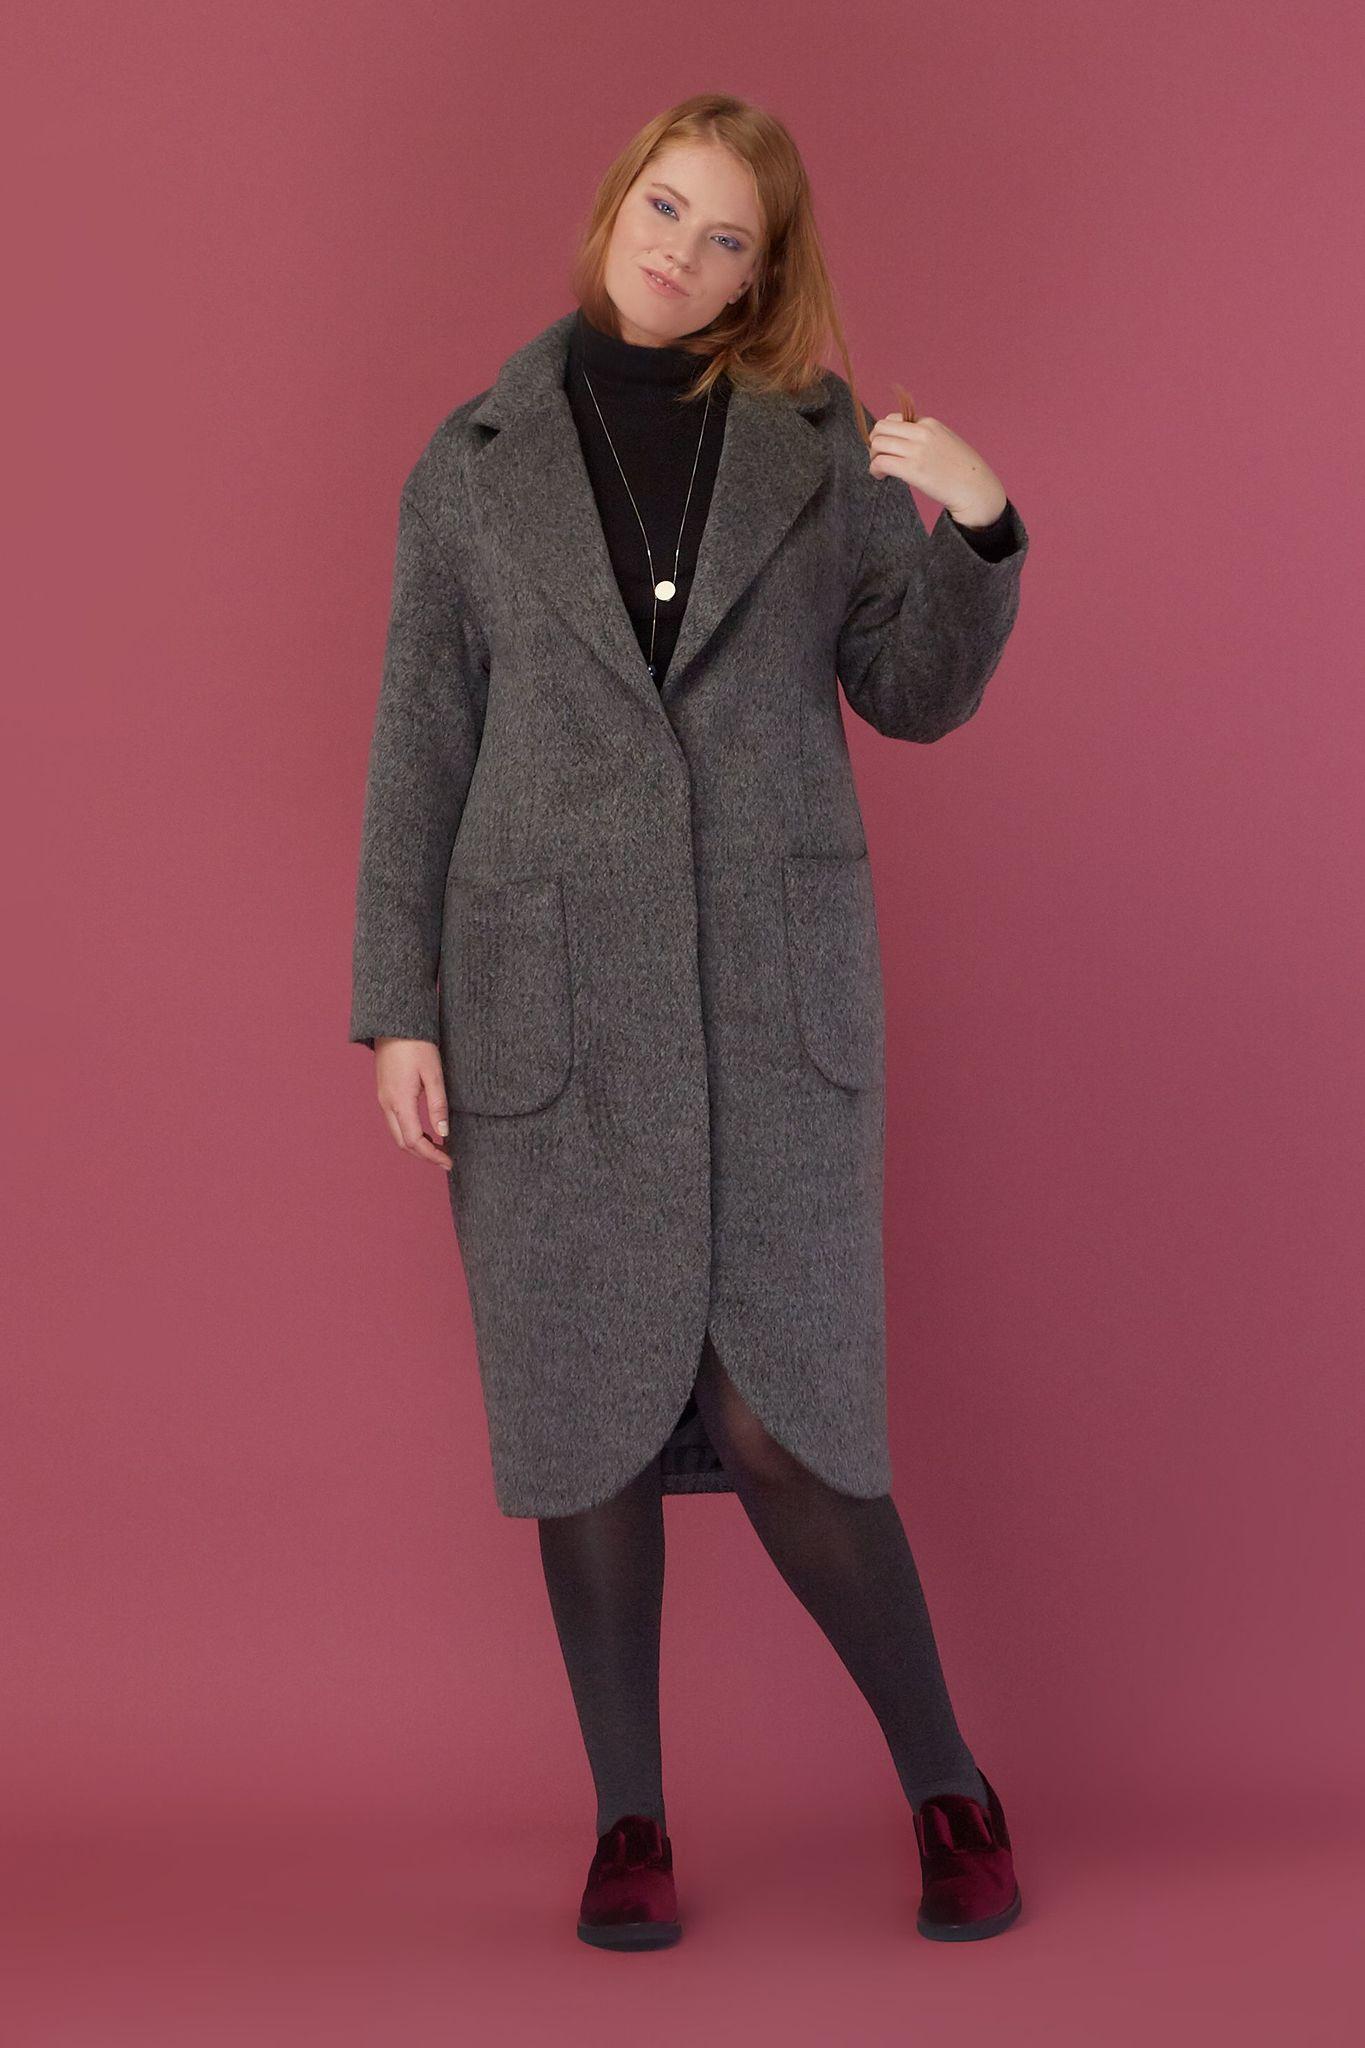 Пальто BASE-03 CO01 OZ06Пальто<br>Прямое пальто из мягкой шерсти с вискозой- идеальное сочетание: состава, кроя, модных тенденций и комфортности. Мягкое, обволакивающее, фантастически удобное и на 100% подходящее вашему стилю и образу жизни. Чуть скругленная линия низа, придает силуэту легкости, а функциональные карманы – удобства.<br>